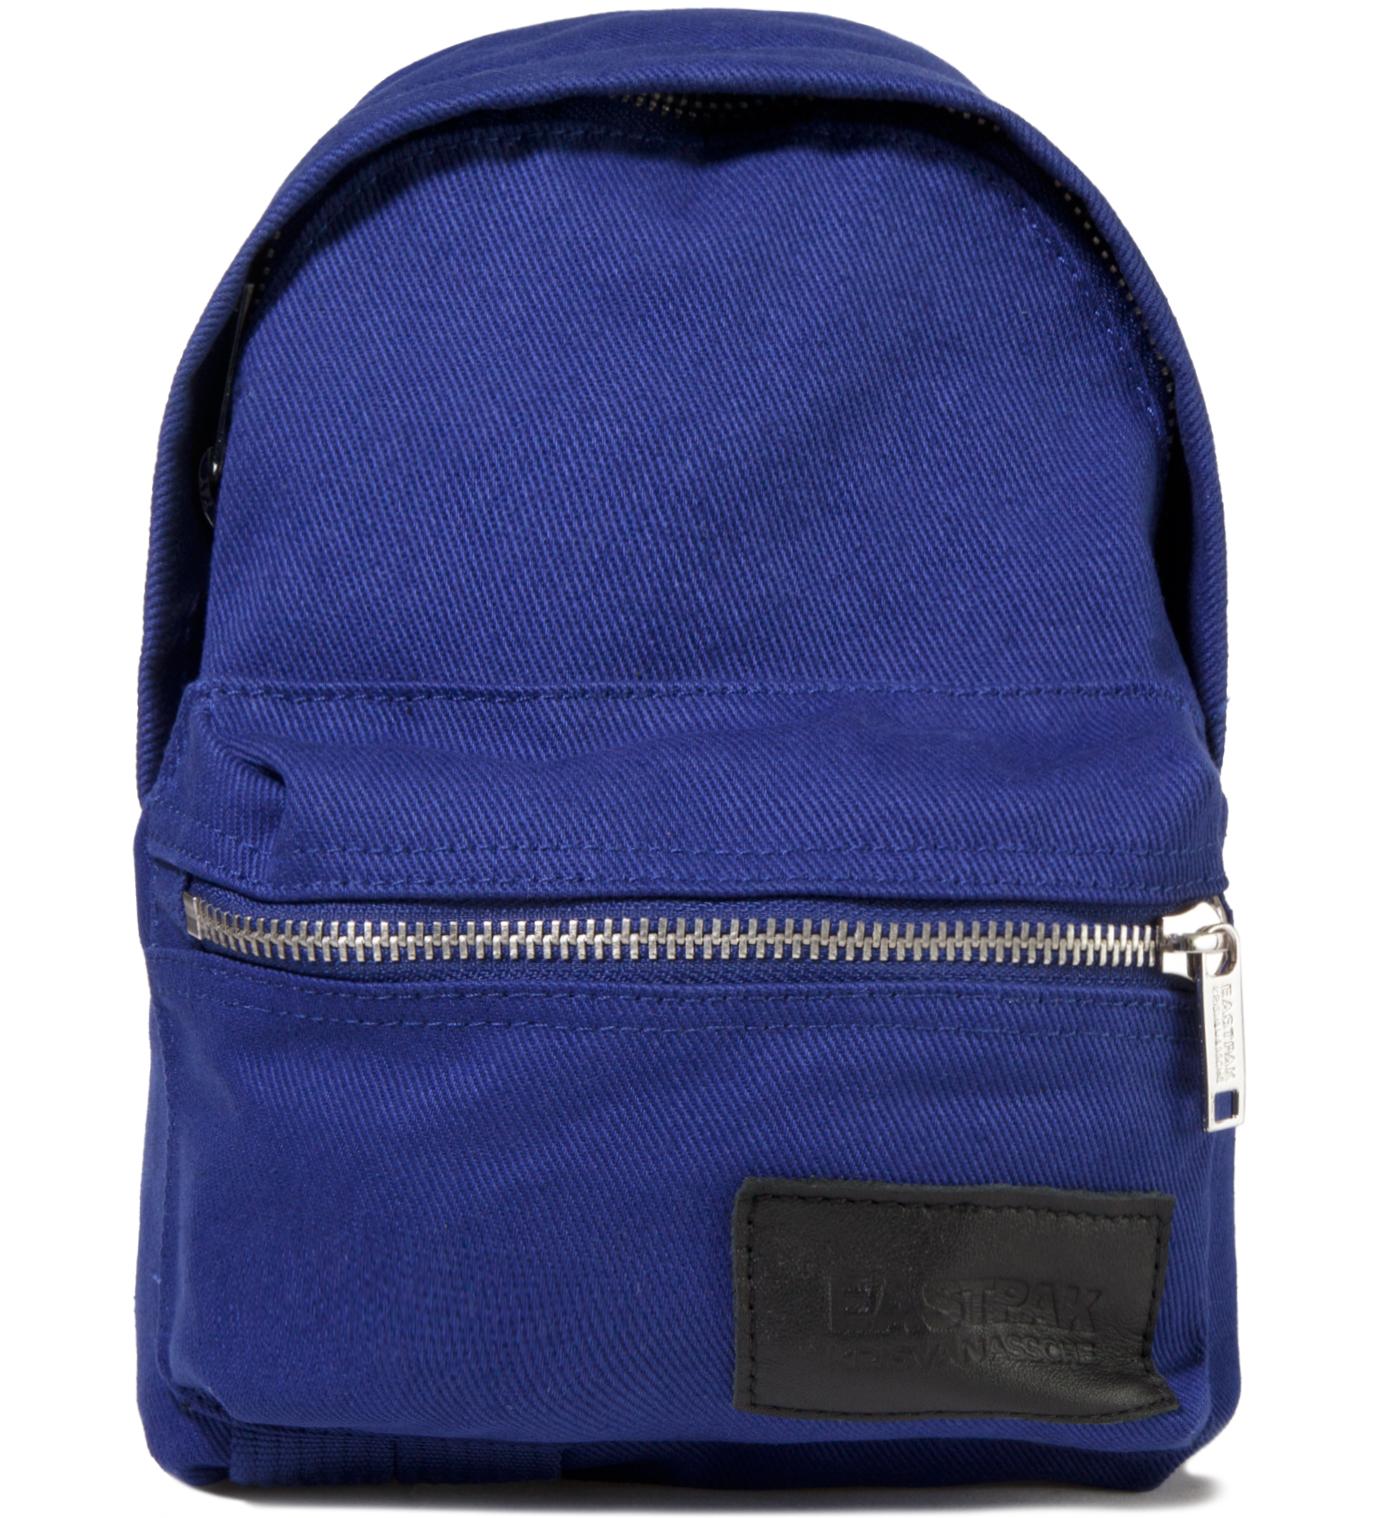 KRISVANASSCHE Eastpak KRISVANASSCHE Blue Cotton Mini Backpack Pouch